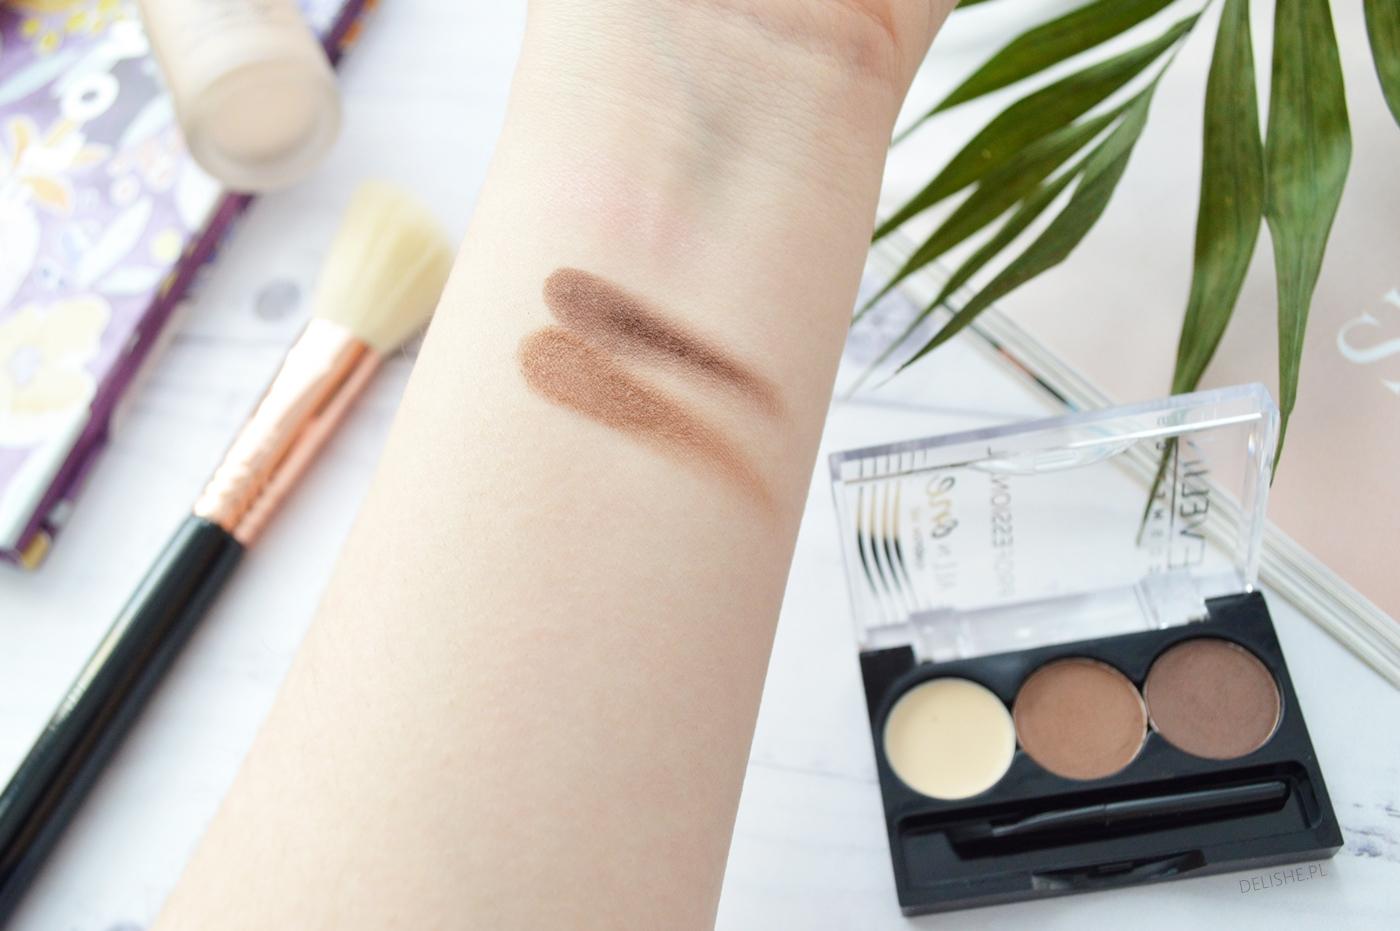 eveline cosmetics paletka do brwi swatche